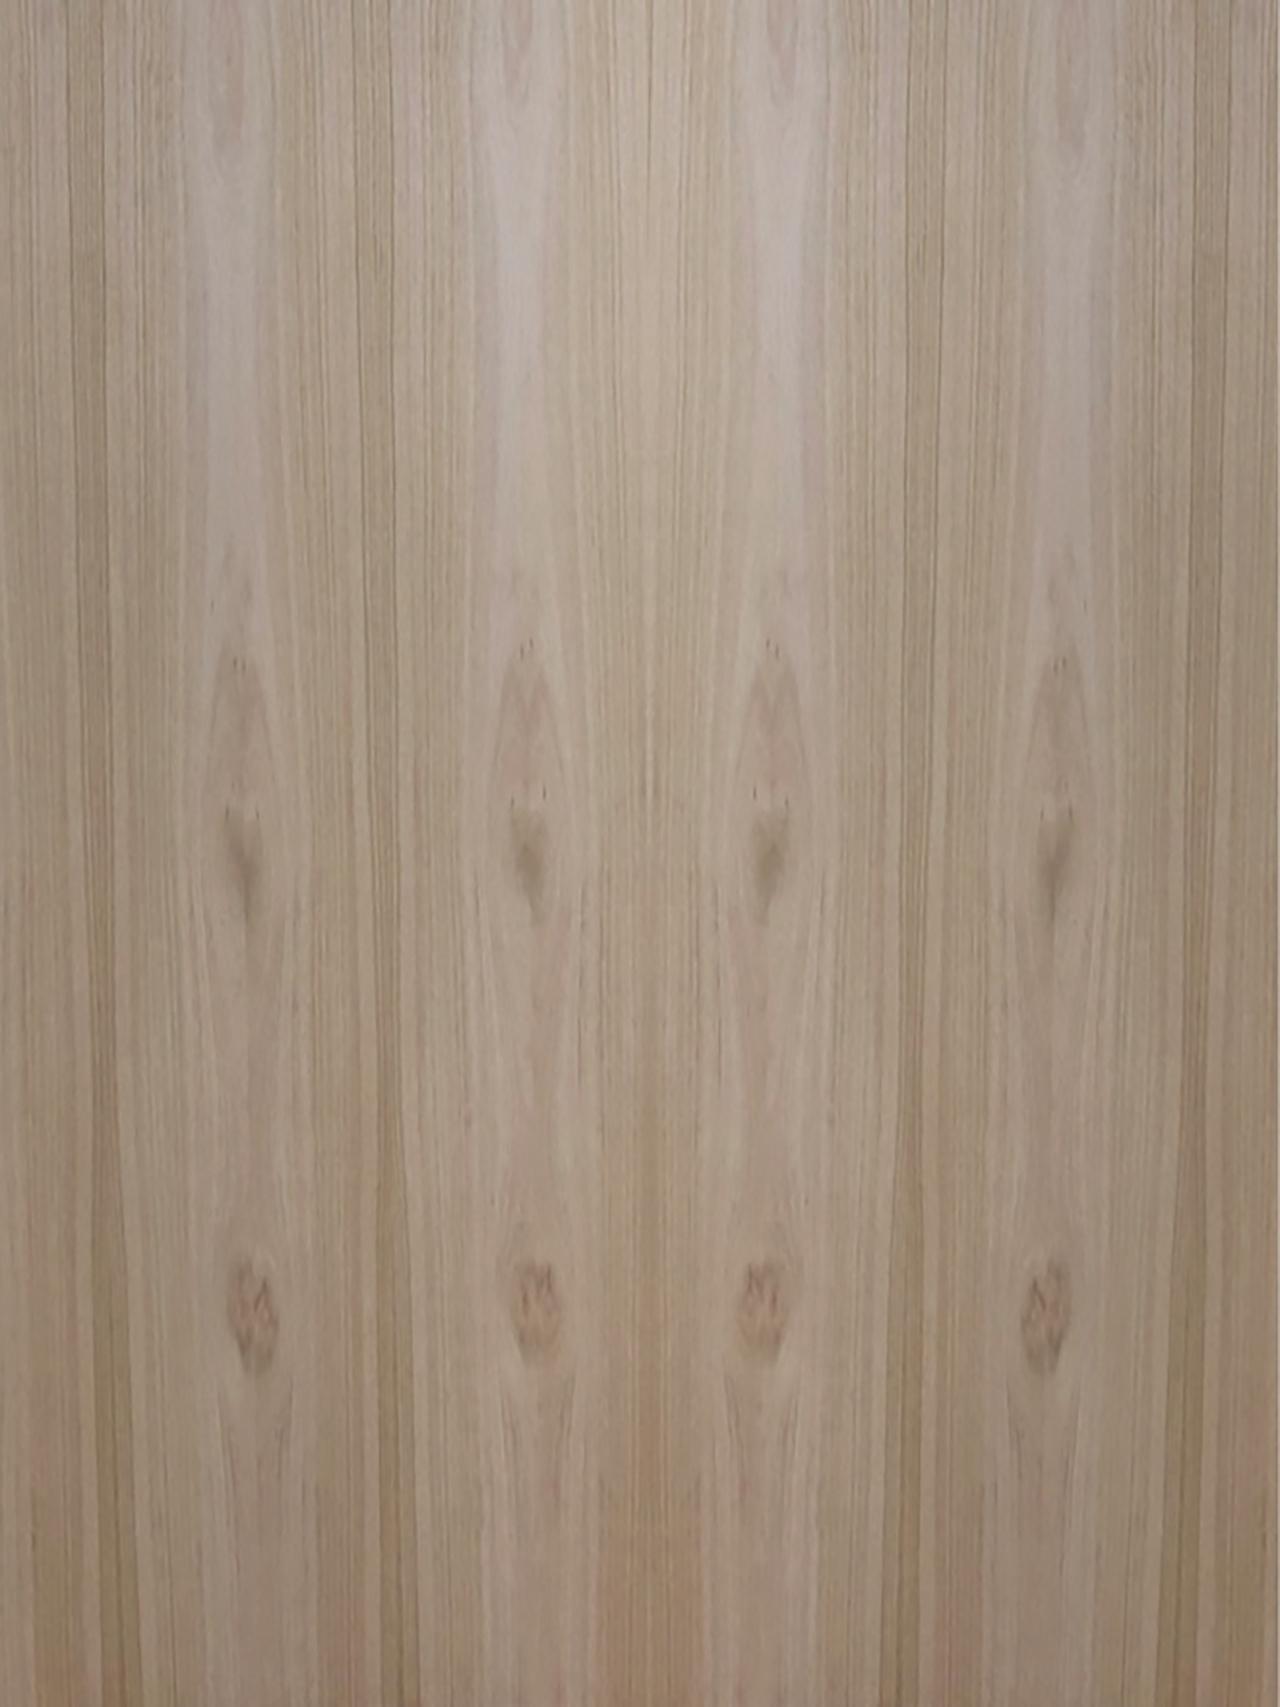 Eucalyptus Natural Crown Cut